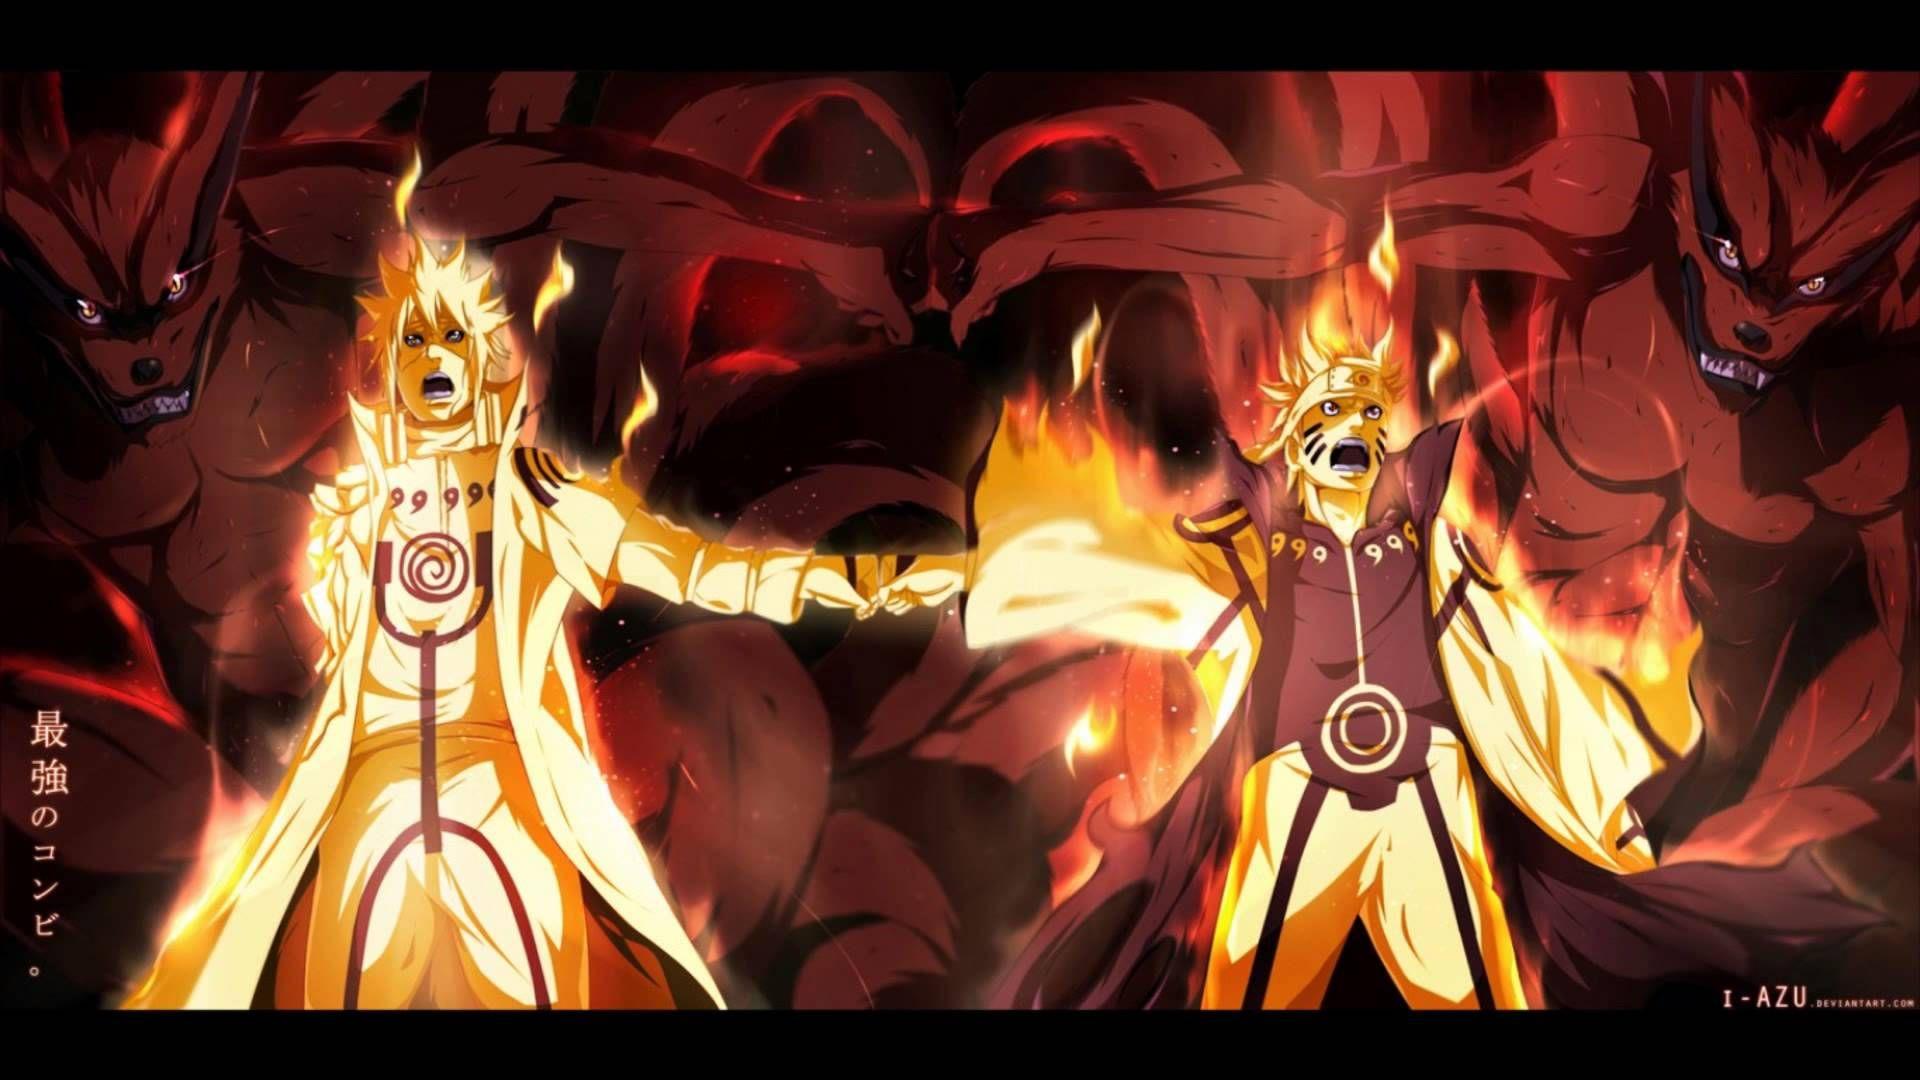 Naruto Hd Wallpapers Hd Wallpapers Pics Hd Wallpapers